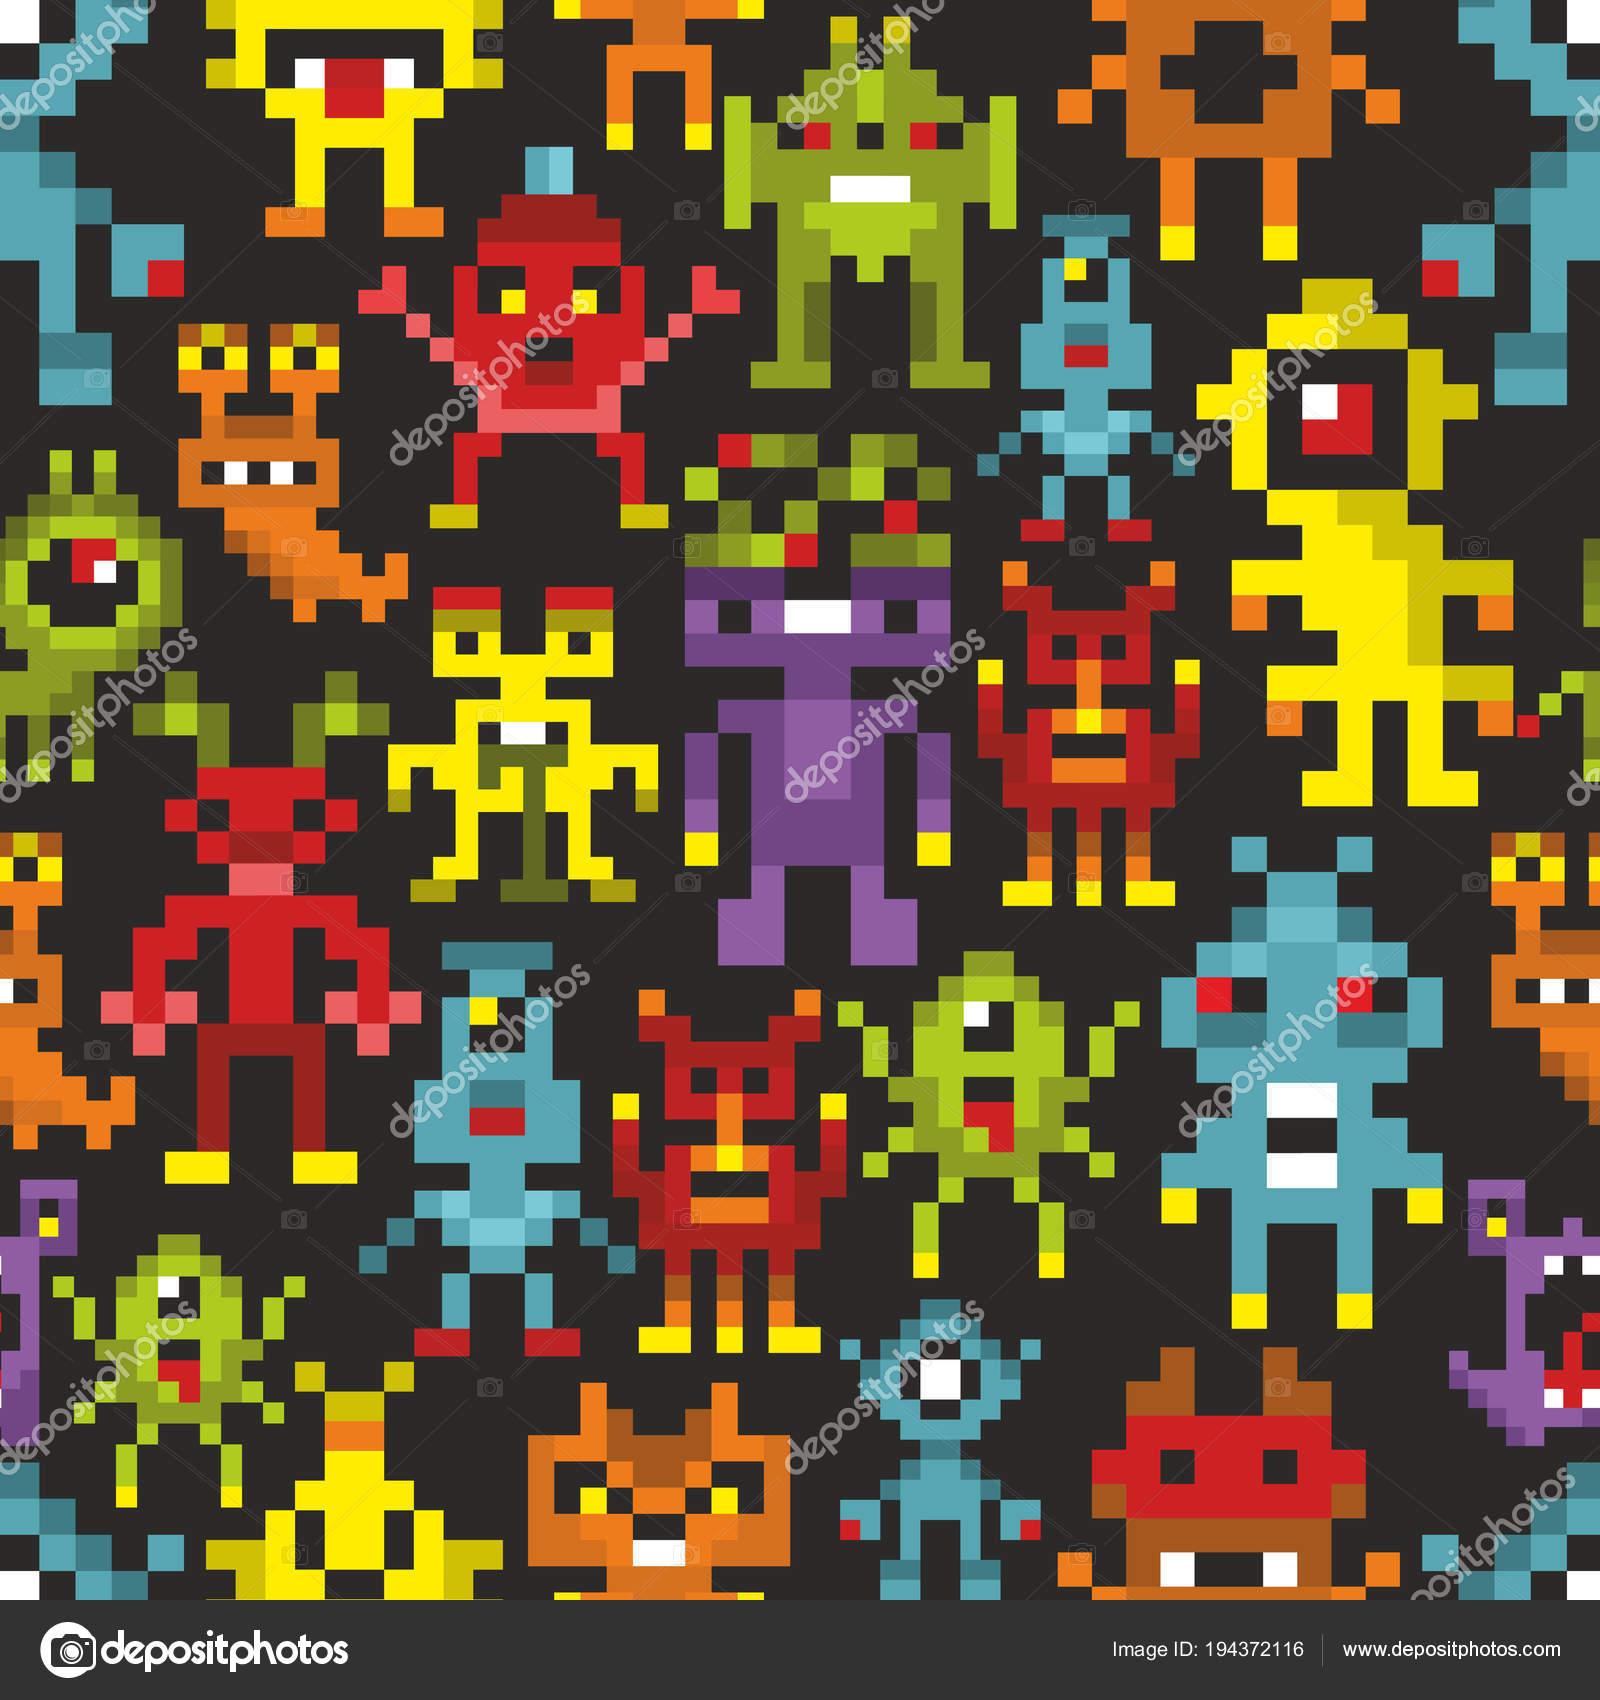 Couverture Imprimee Avec Des Monstres Pixel Carte Vecteur Colore